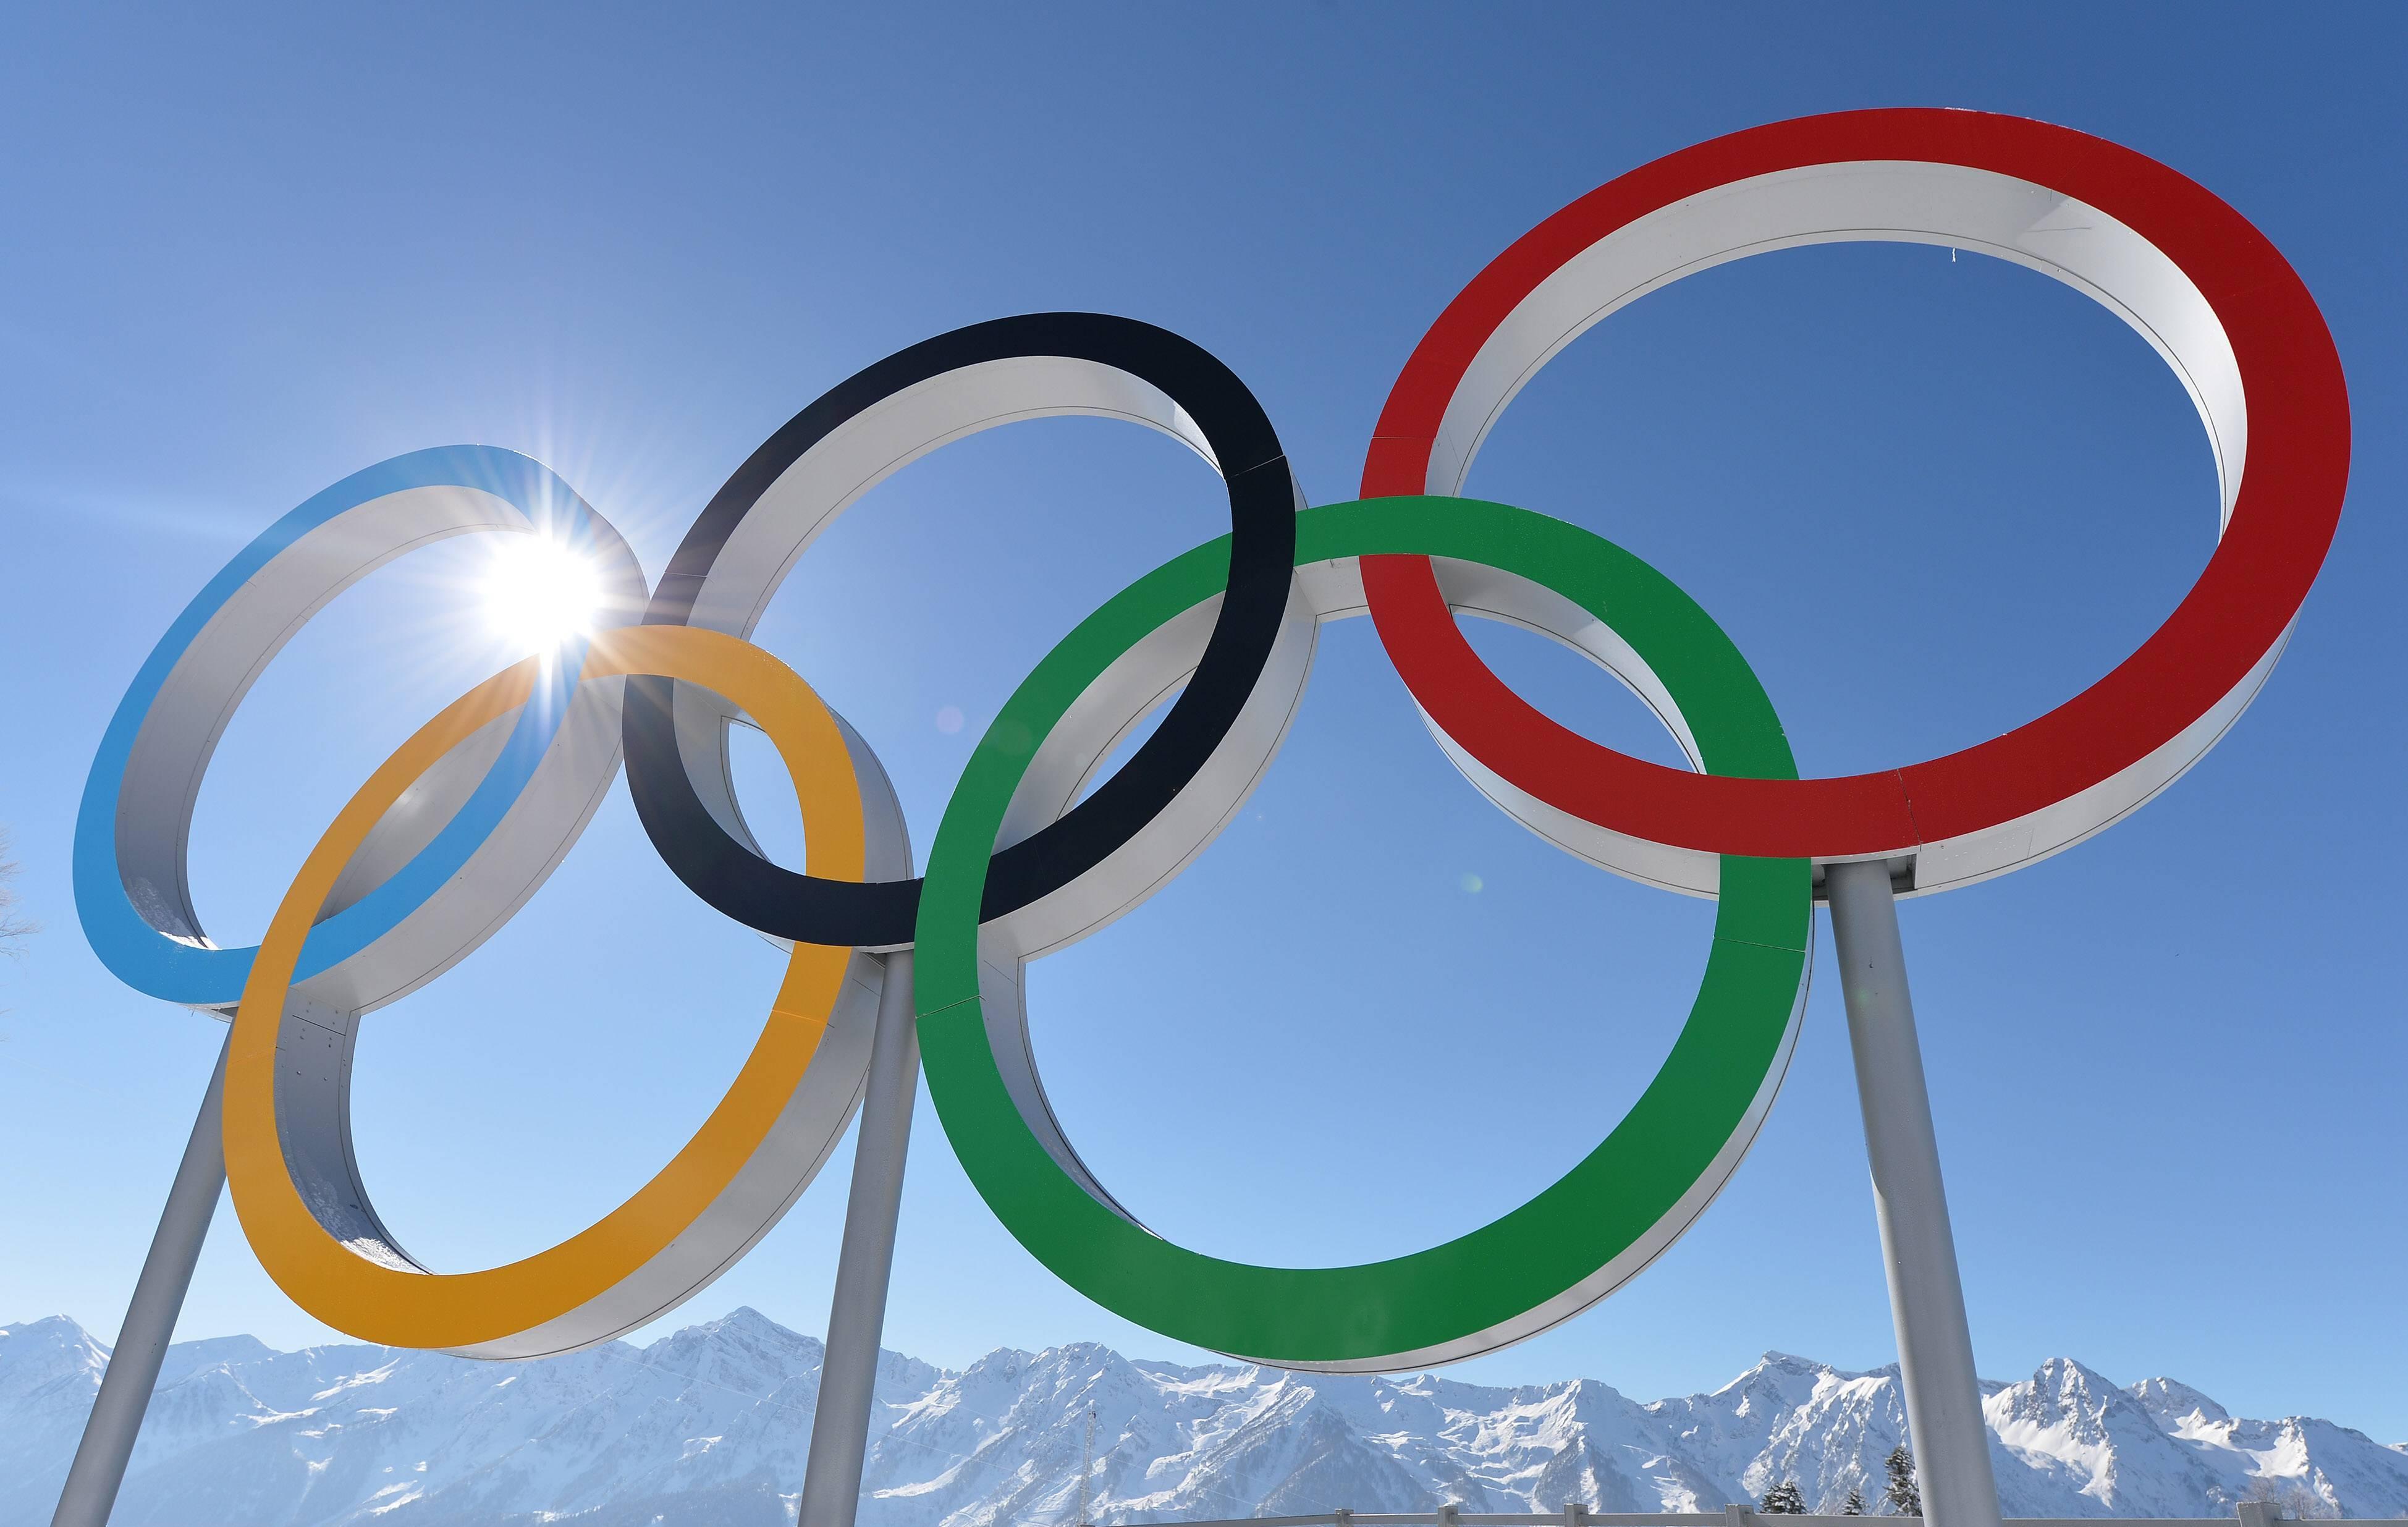 5 villes en jeu pour 2022 jeux olympiques. Black Bedroom Furniture Sets. Home Design Ideas